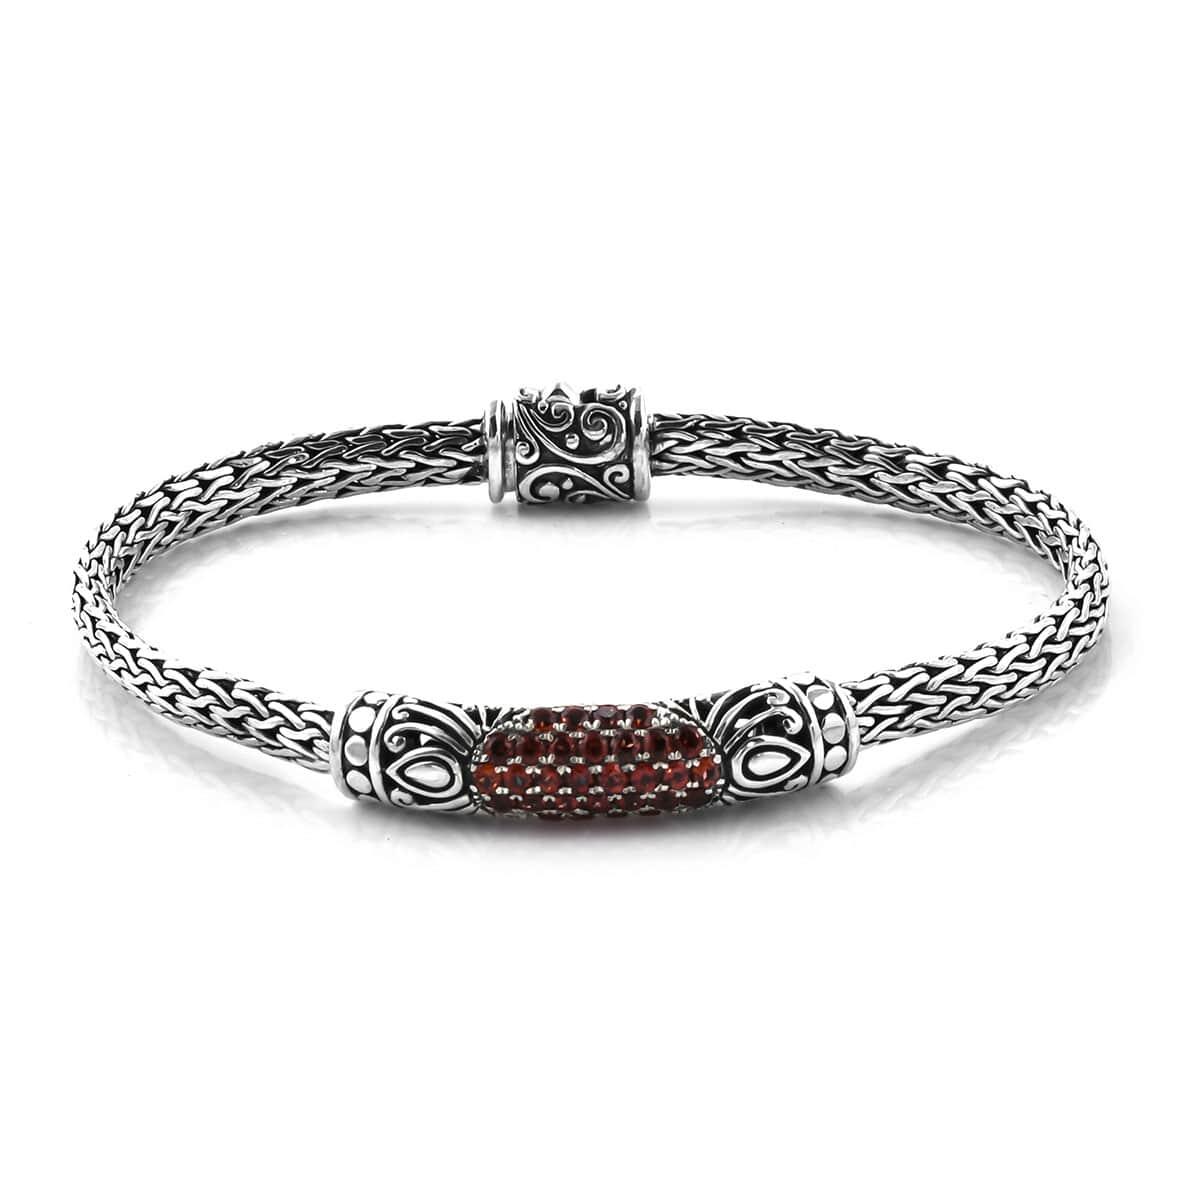 BALI LEGACY Mozambique Garnet Bracelet in Sterling Silver (7.50 In) (19.49 g) 1.41 ctw